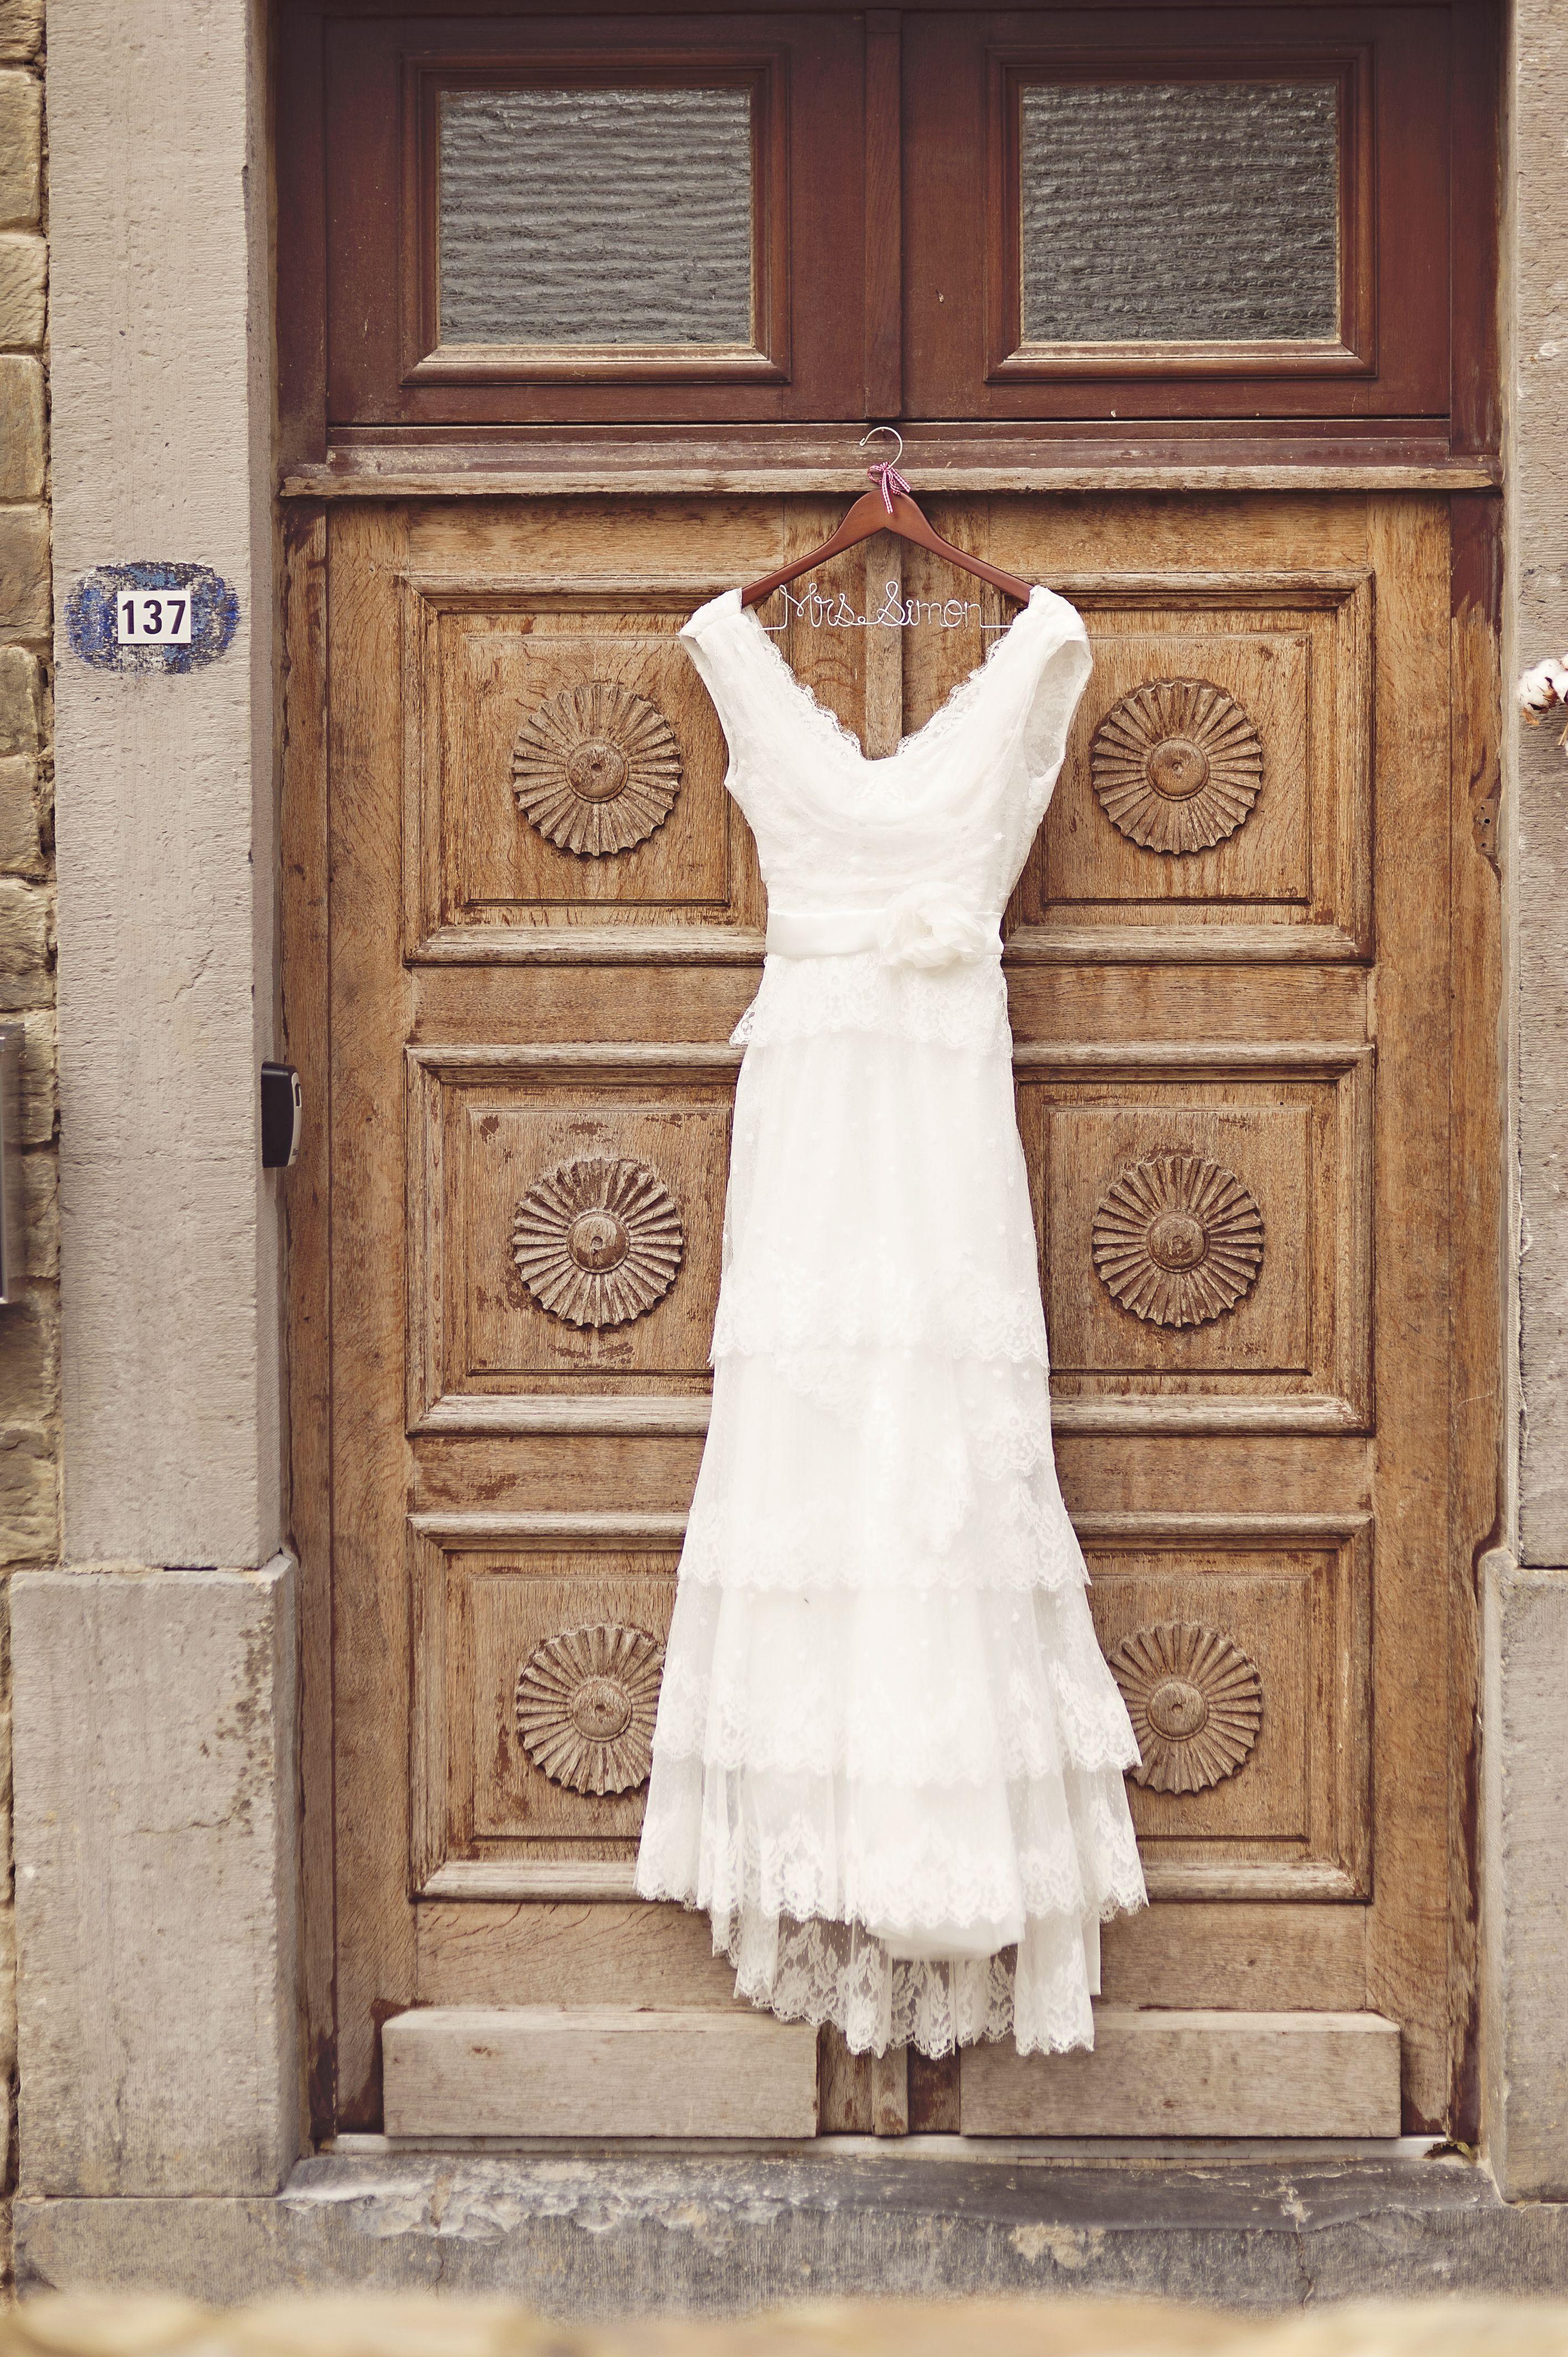 Wedding Dress By Cymbeline Fatima Wedding Dresses Sleeveless Wedding Dress Wedding [ 4256 x 2832 Pixel ]